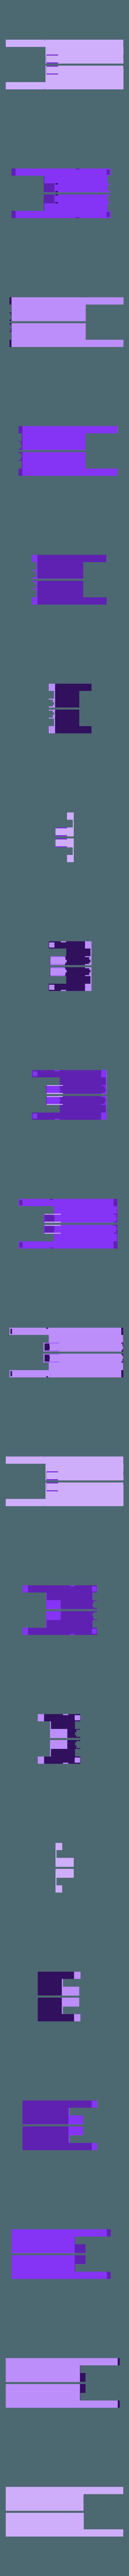 mask-phone-holder-10.stl Télécharger fichier SCAD gratuit Support téléphonique pour la création de masques • Design pour imprimante 3D, kevfquinn